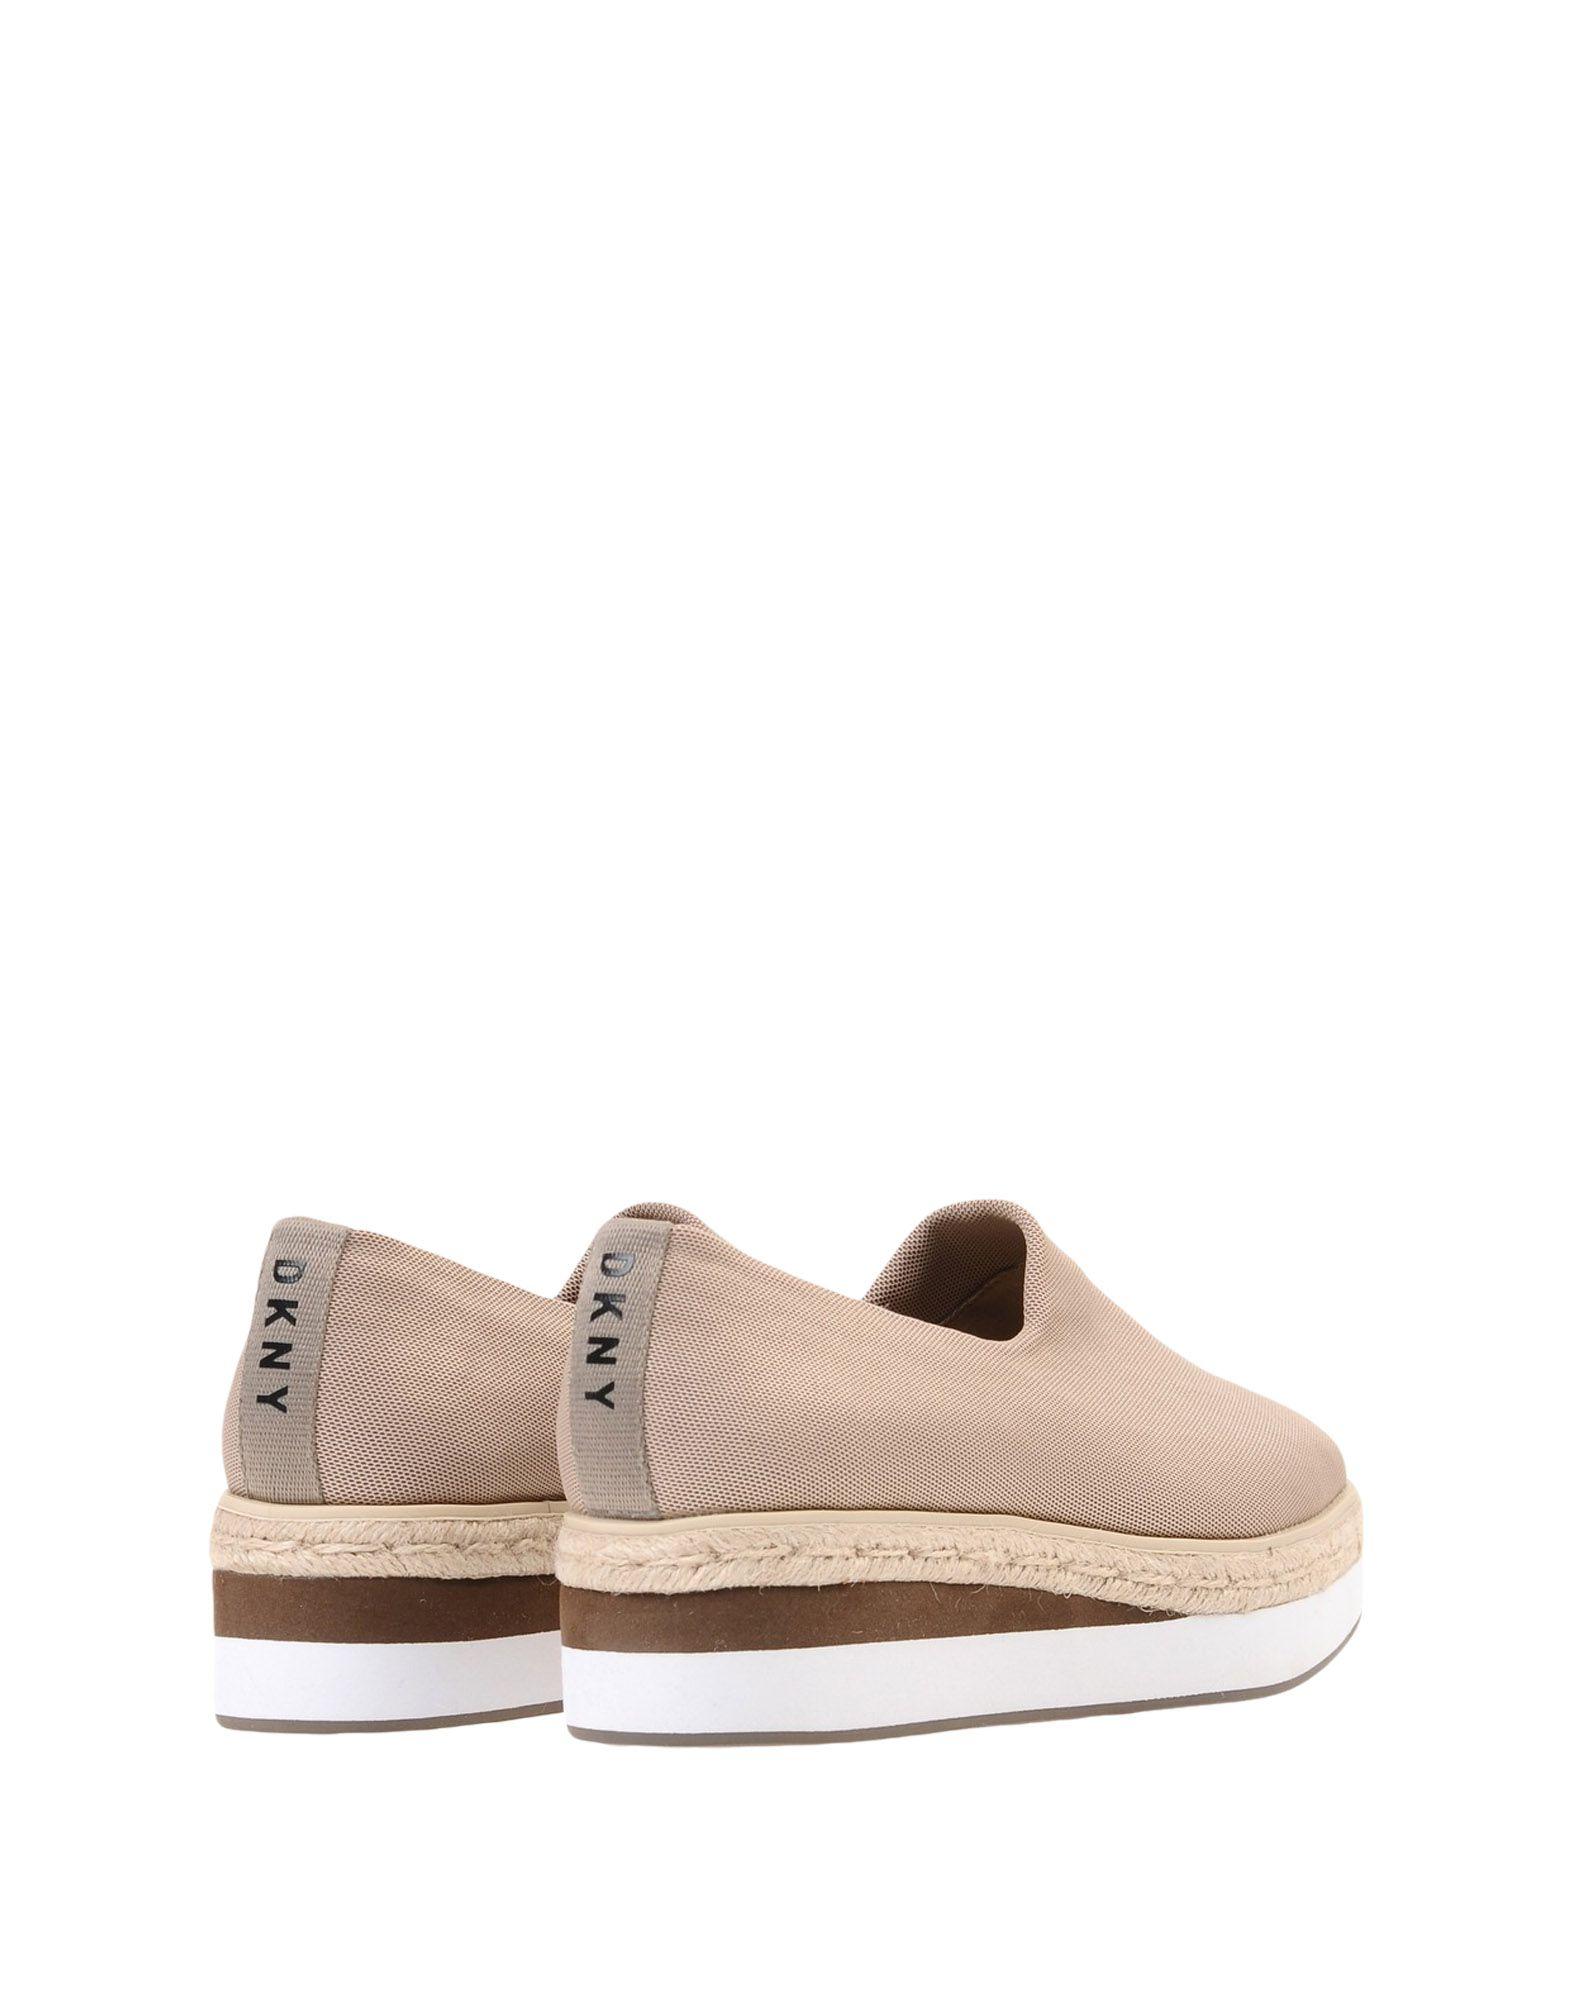 Dkny Sneakers Damen  11459206EV 11459206EV  Heiße Schuhe 435479